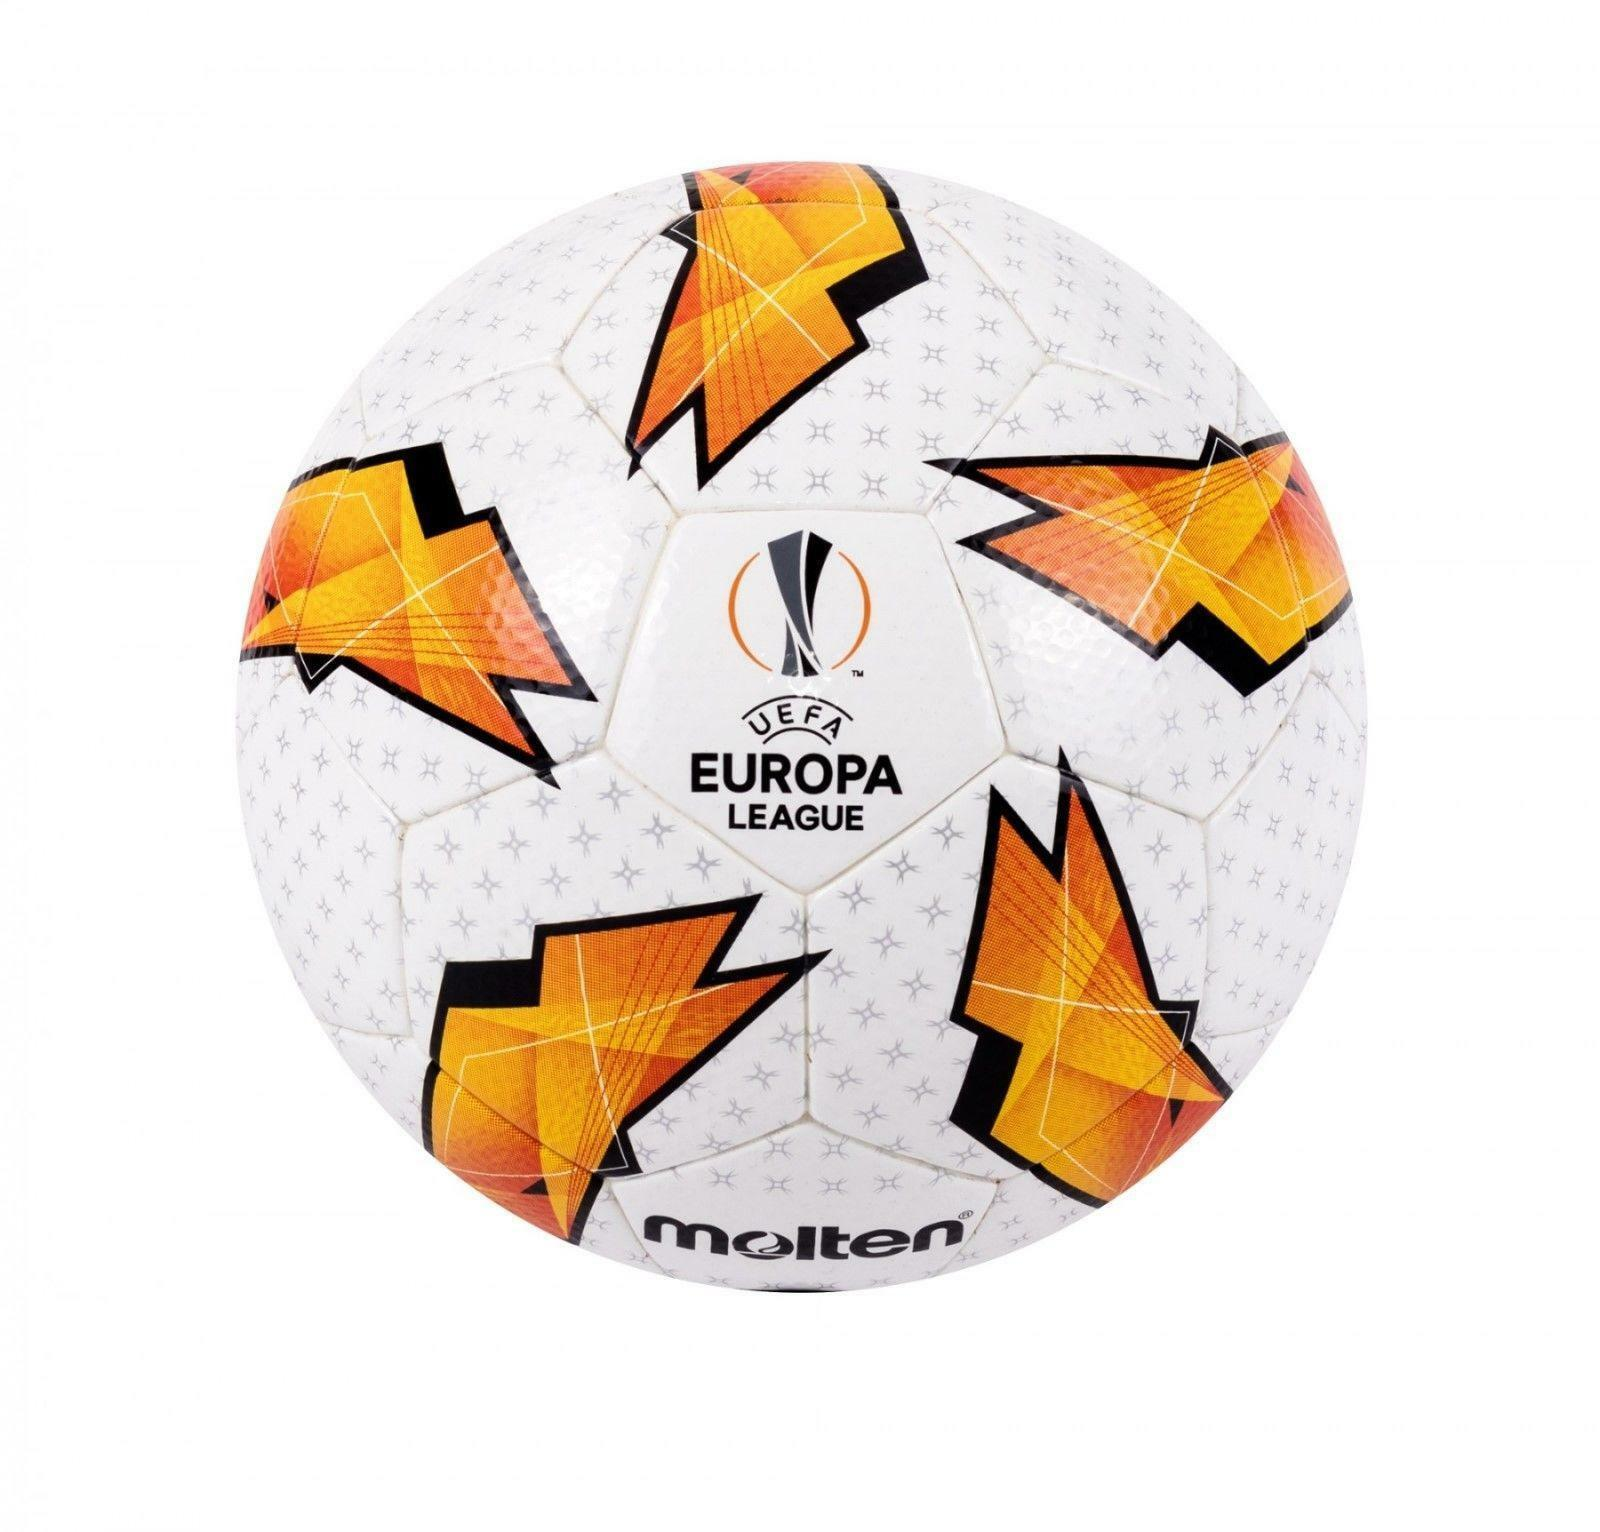 MOLTEN Palla di corrispondenza ufficiale ufficiale ufficiale della UEFA Europa League - 2018 19 a00574